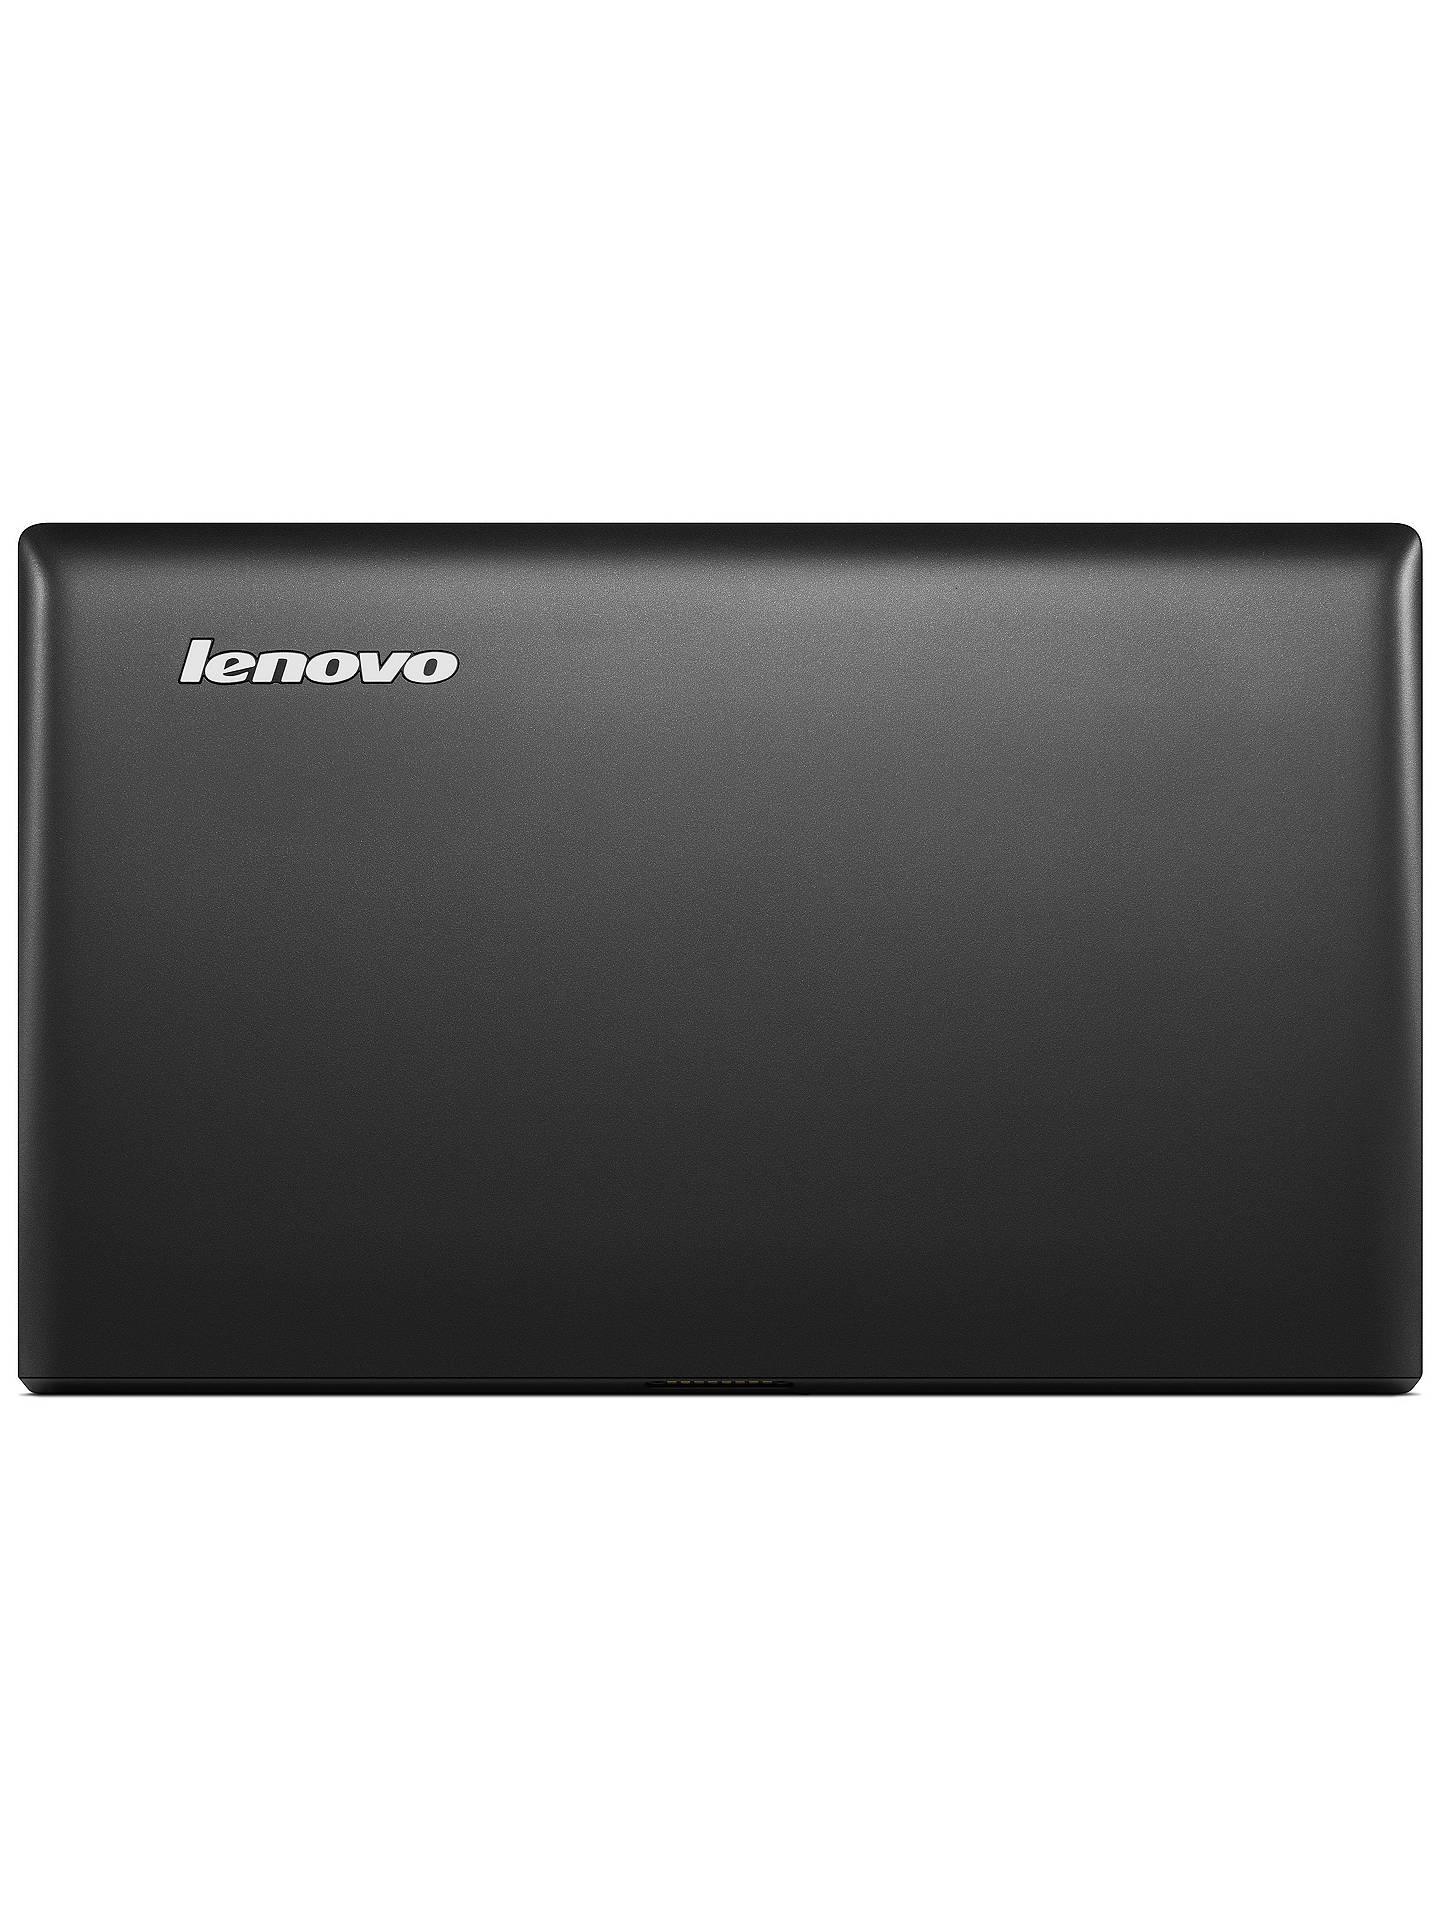 Lenovo Miix 3 10 Tablet & Keyboard Dock, Intel Atom, Windows 8 1